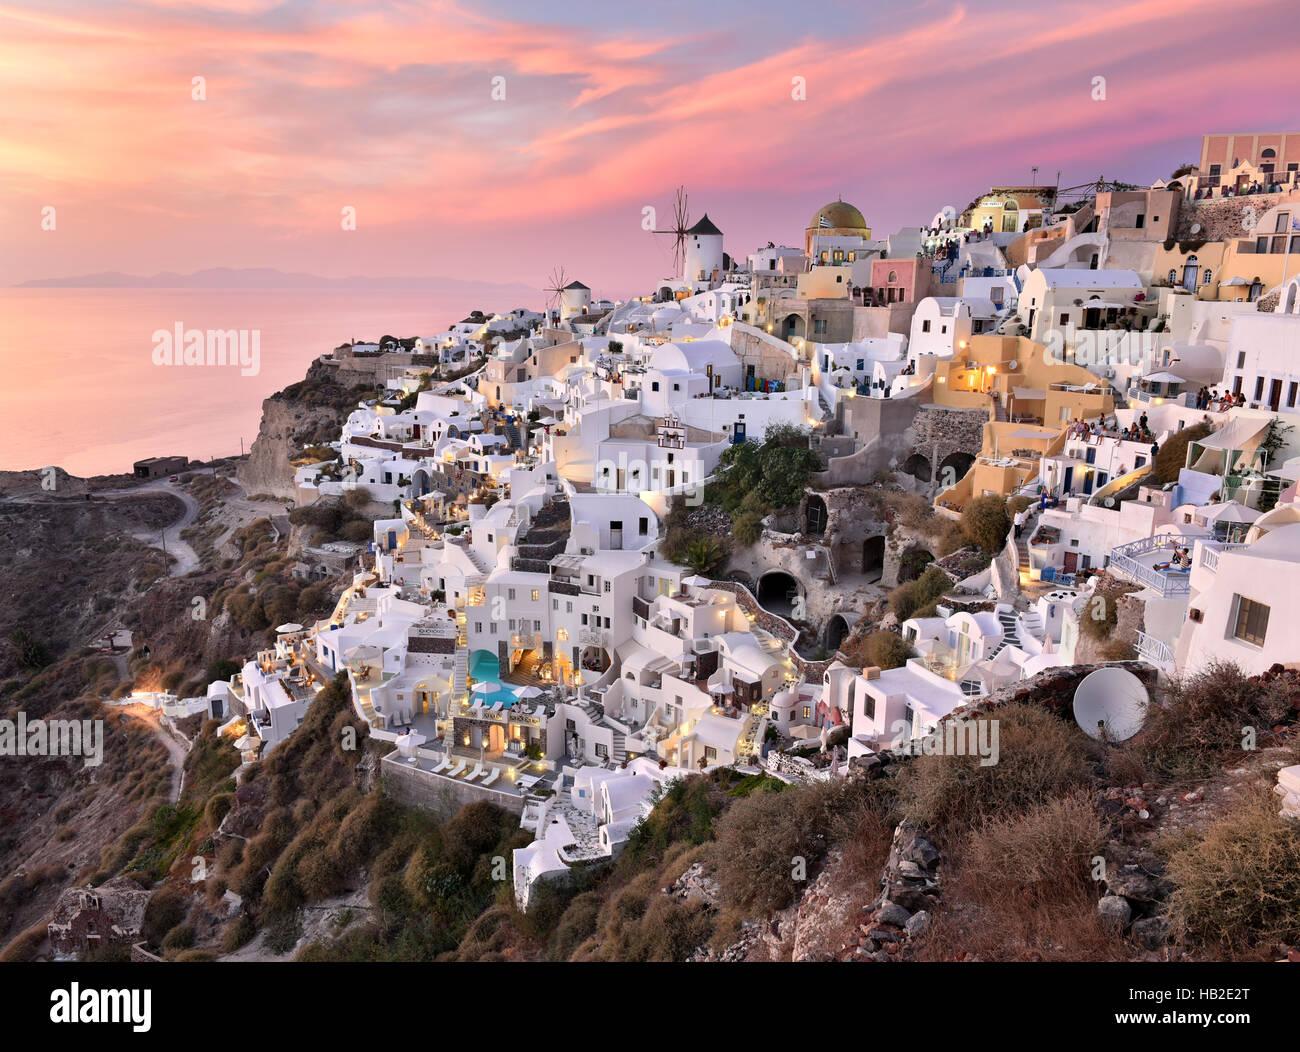 Villaggio di Oia in architettura cicladica stile di Santorini, Grecia durante una rosa al tramonto. Immagini Stock